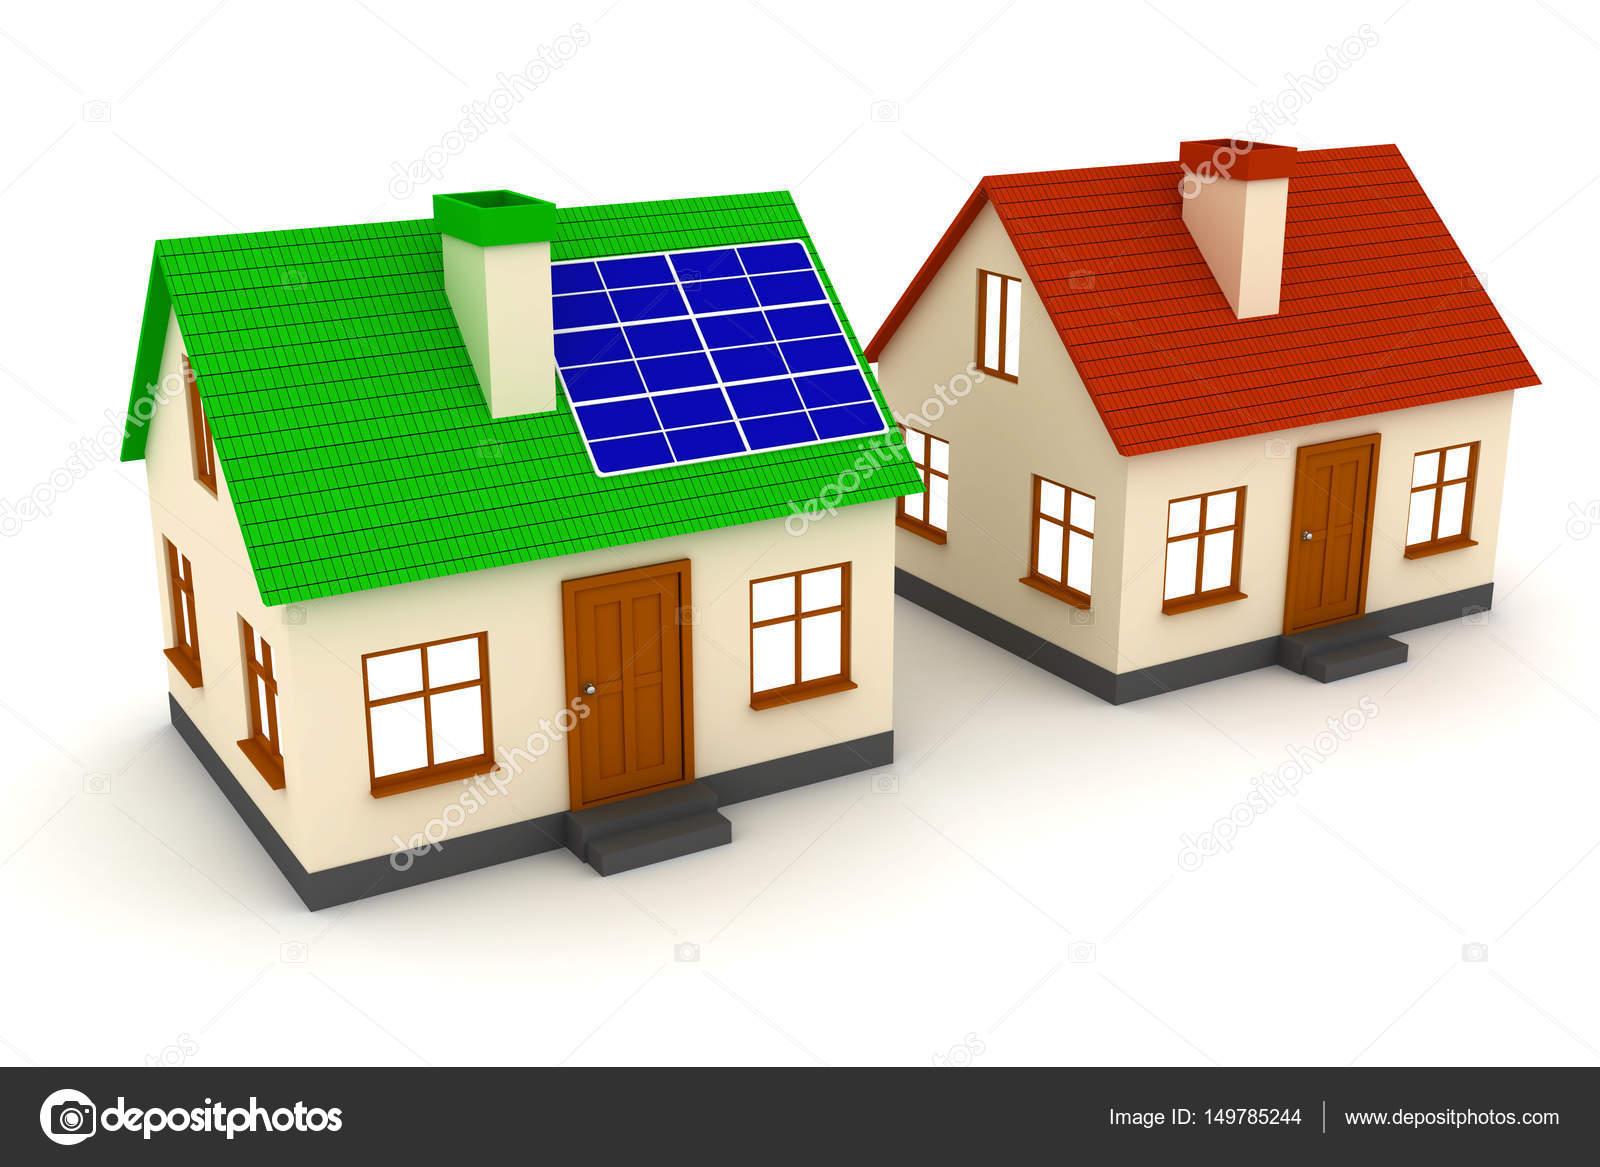 Awesome Haus Mit Einem Solar Panel Und Ein Haus Mit Rotem Dach. 3D Illustration U2014